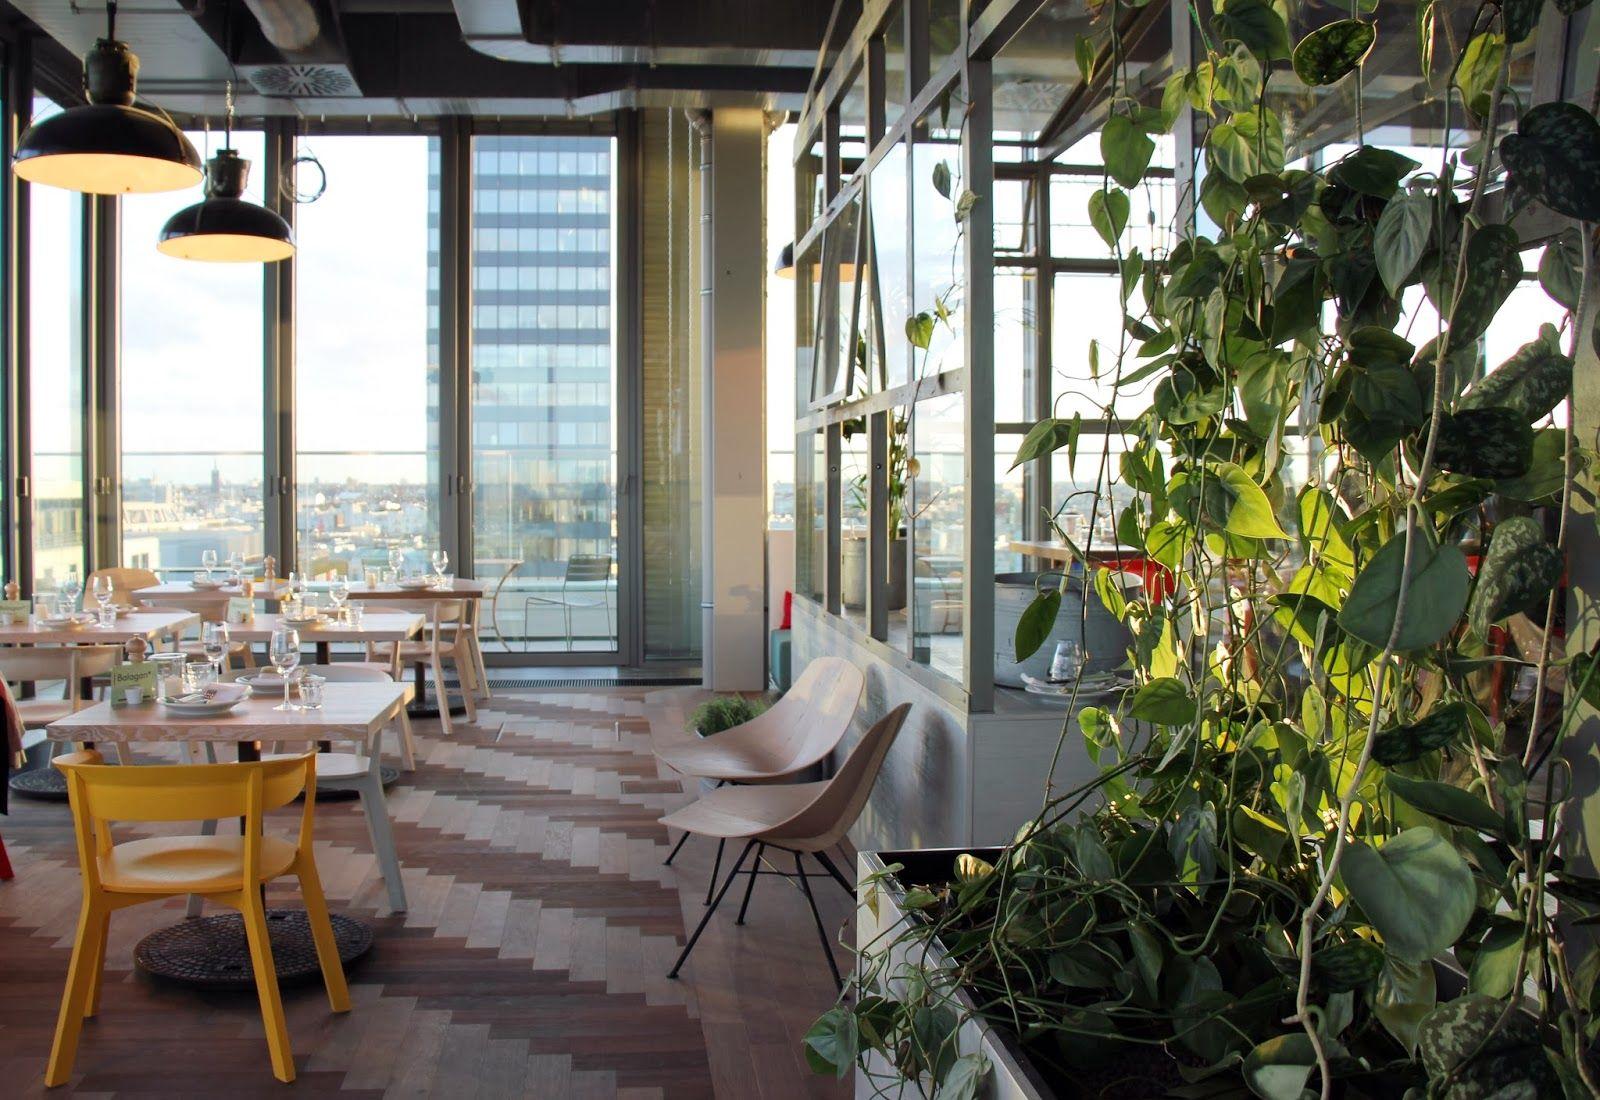 25hours Hotel Bikini Berlin Anneliwest Berlin